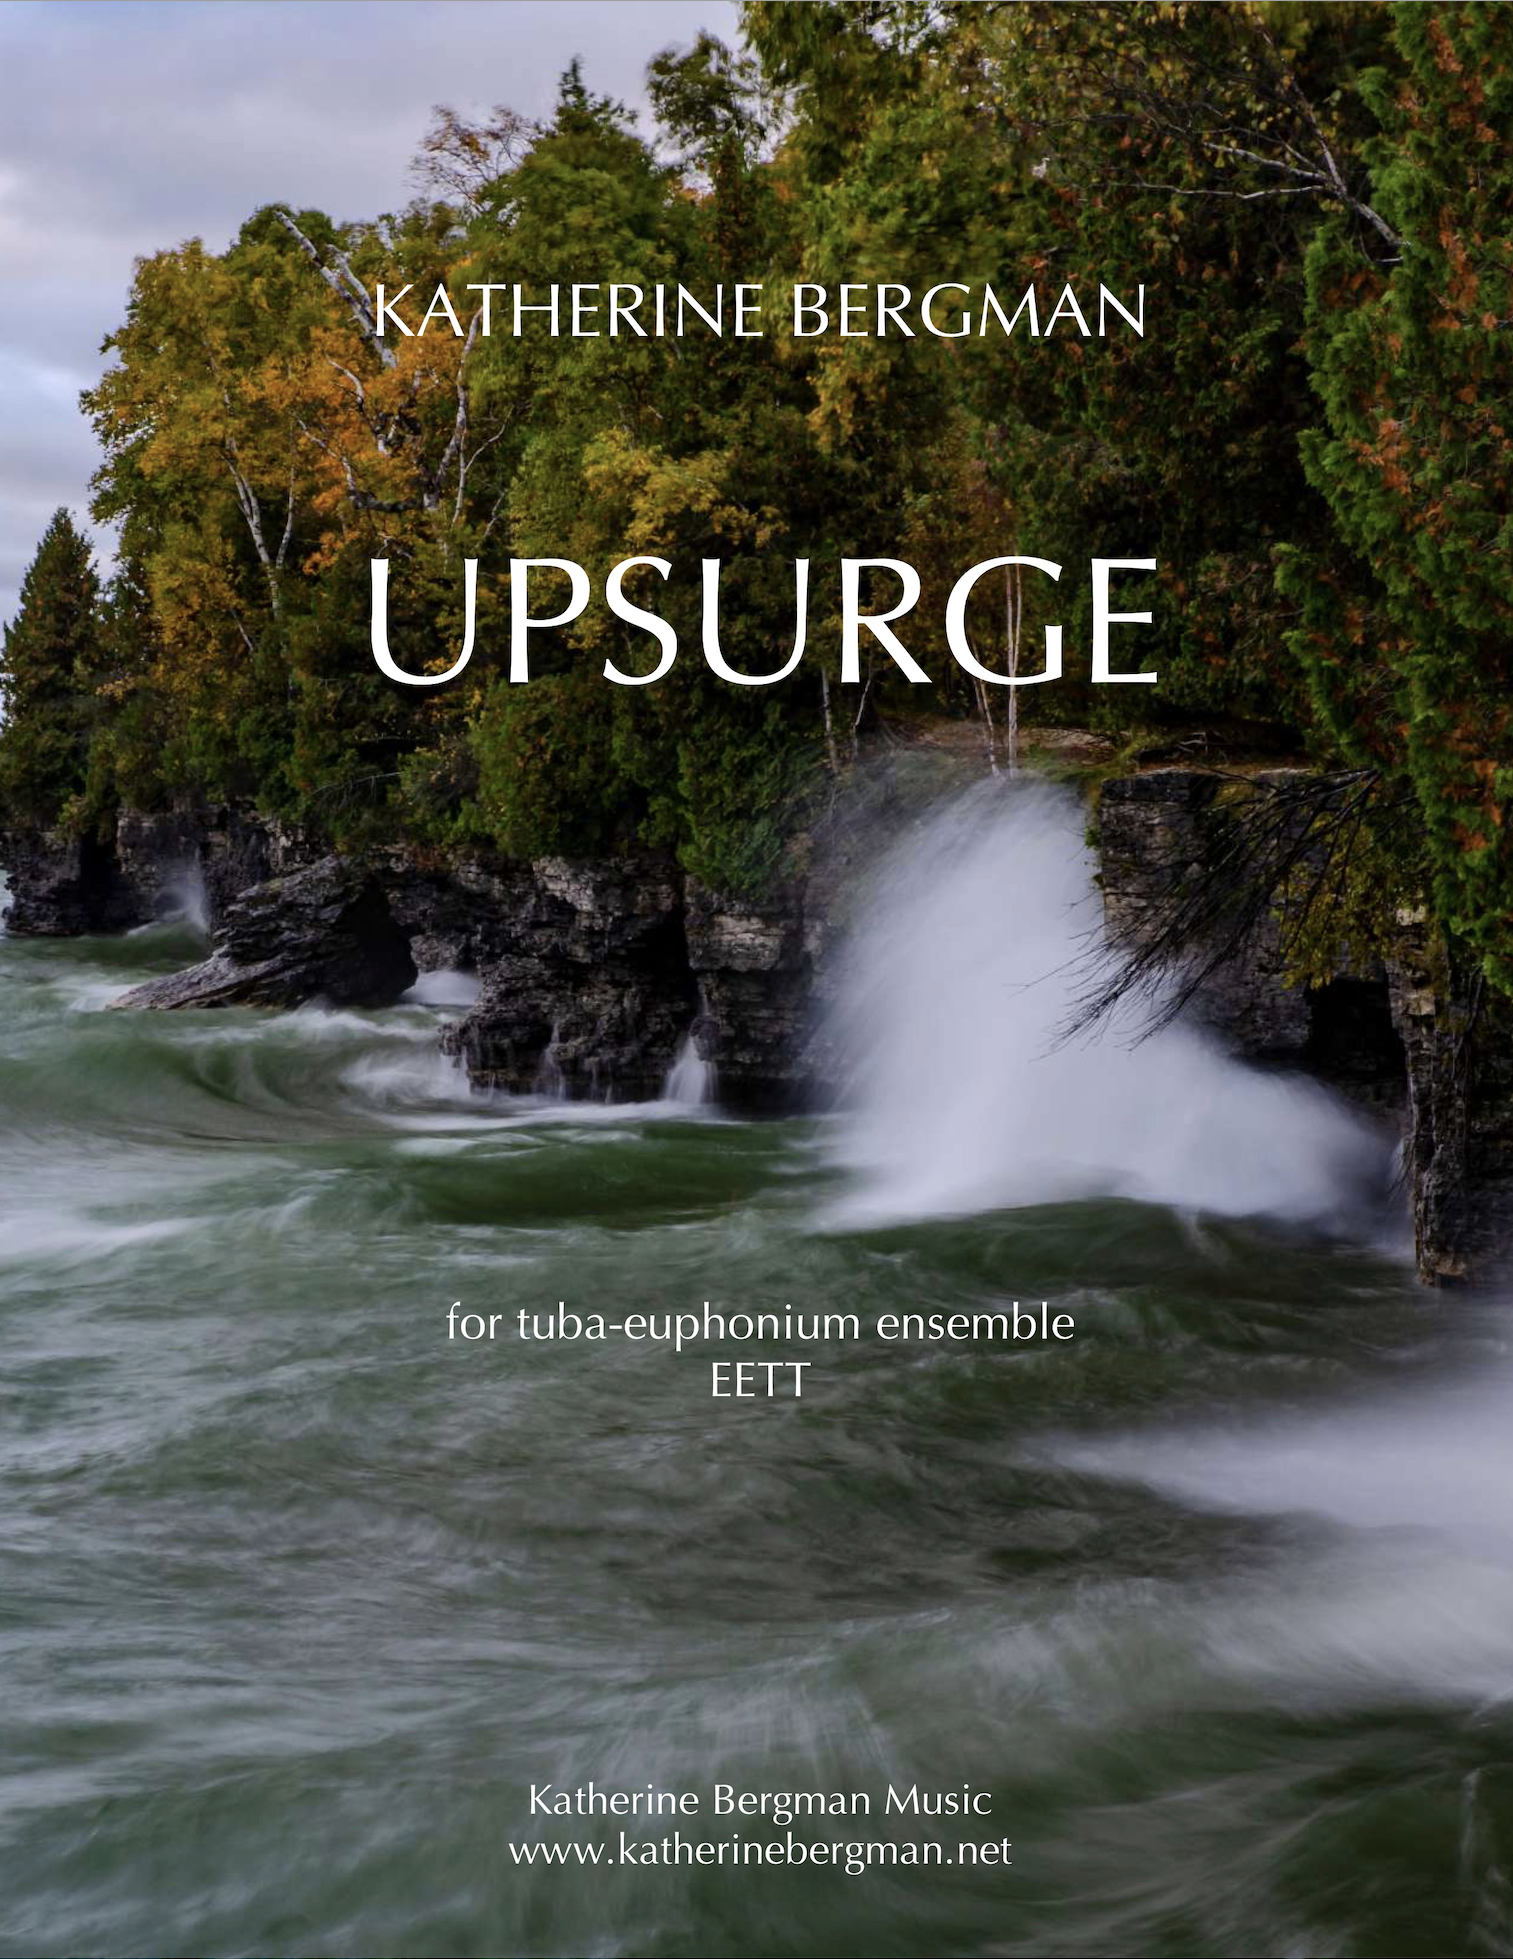 Upsurge by Katherine Bergman